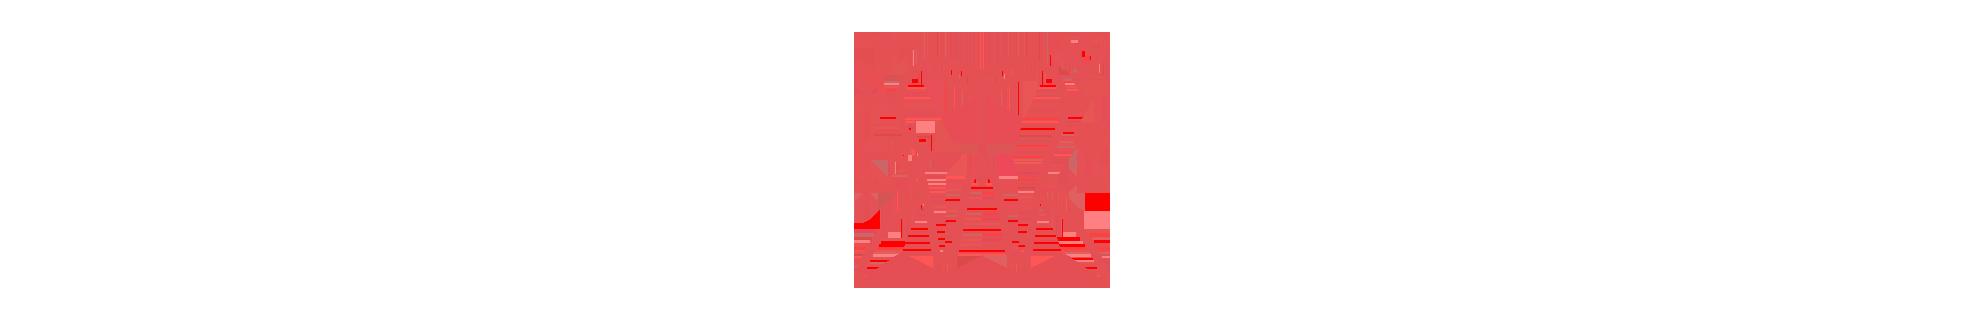 Tannlegeklinikk1 om oss ikon i Tromsø.png